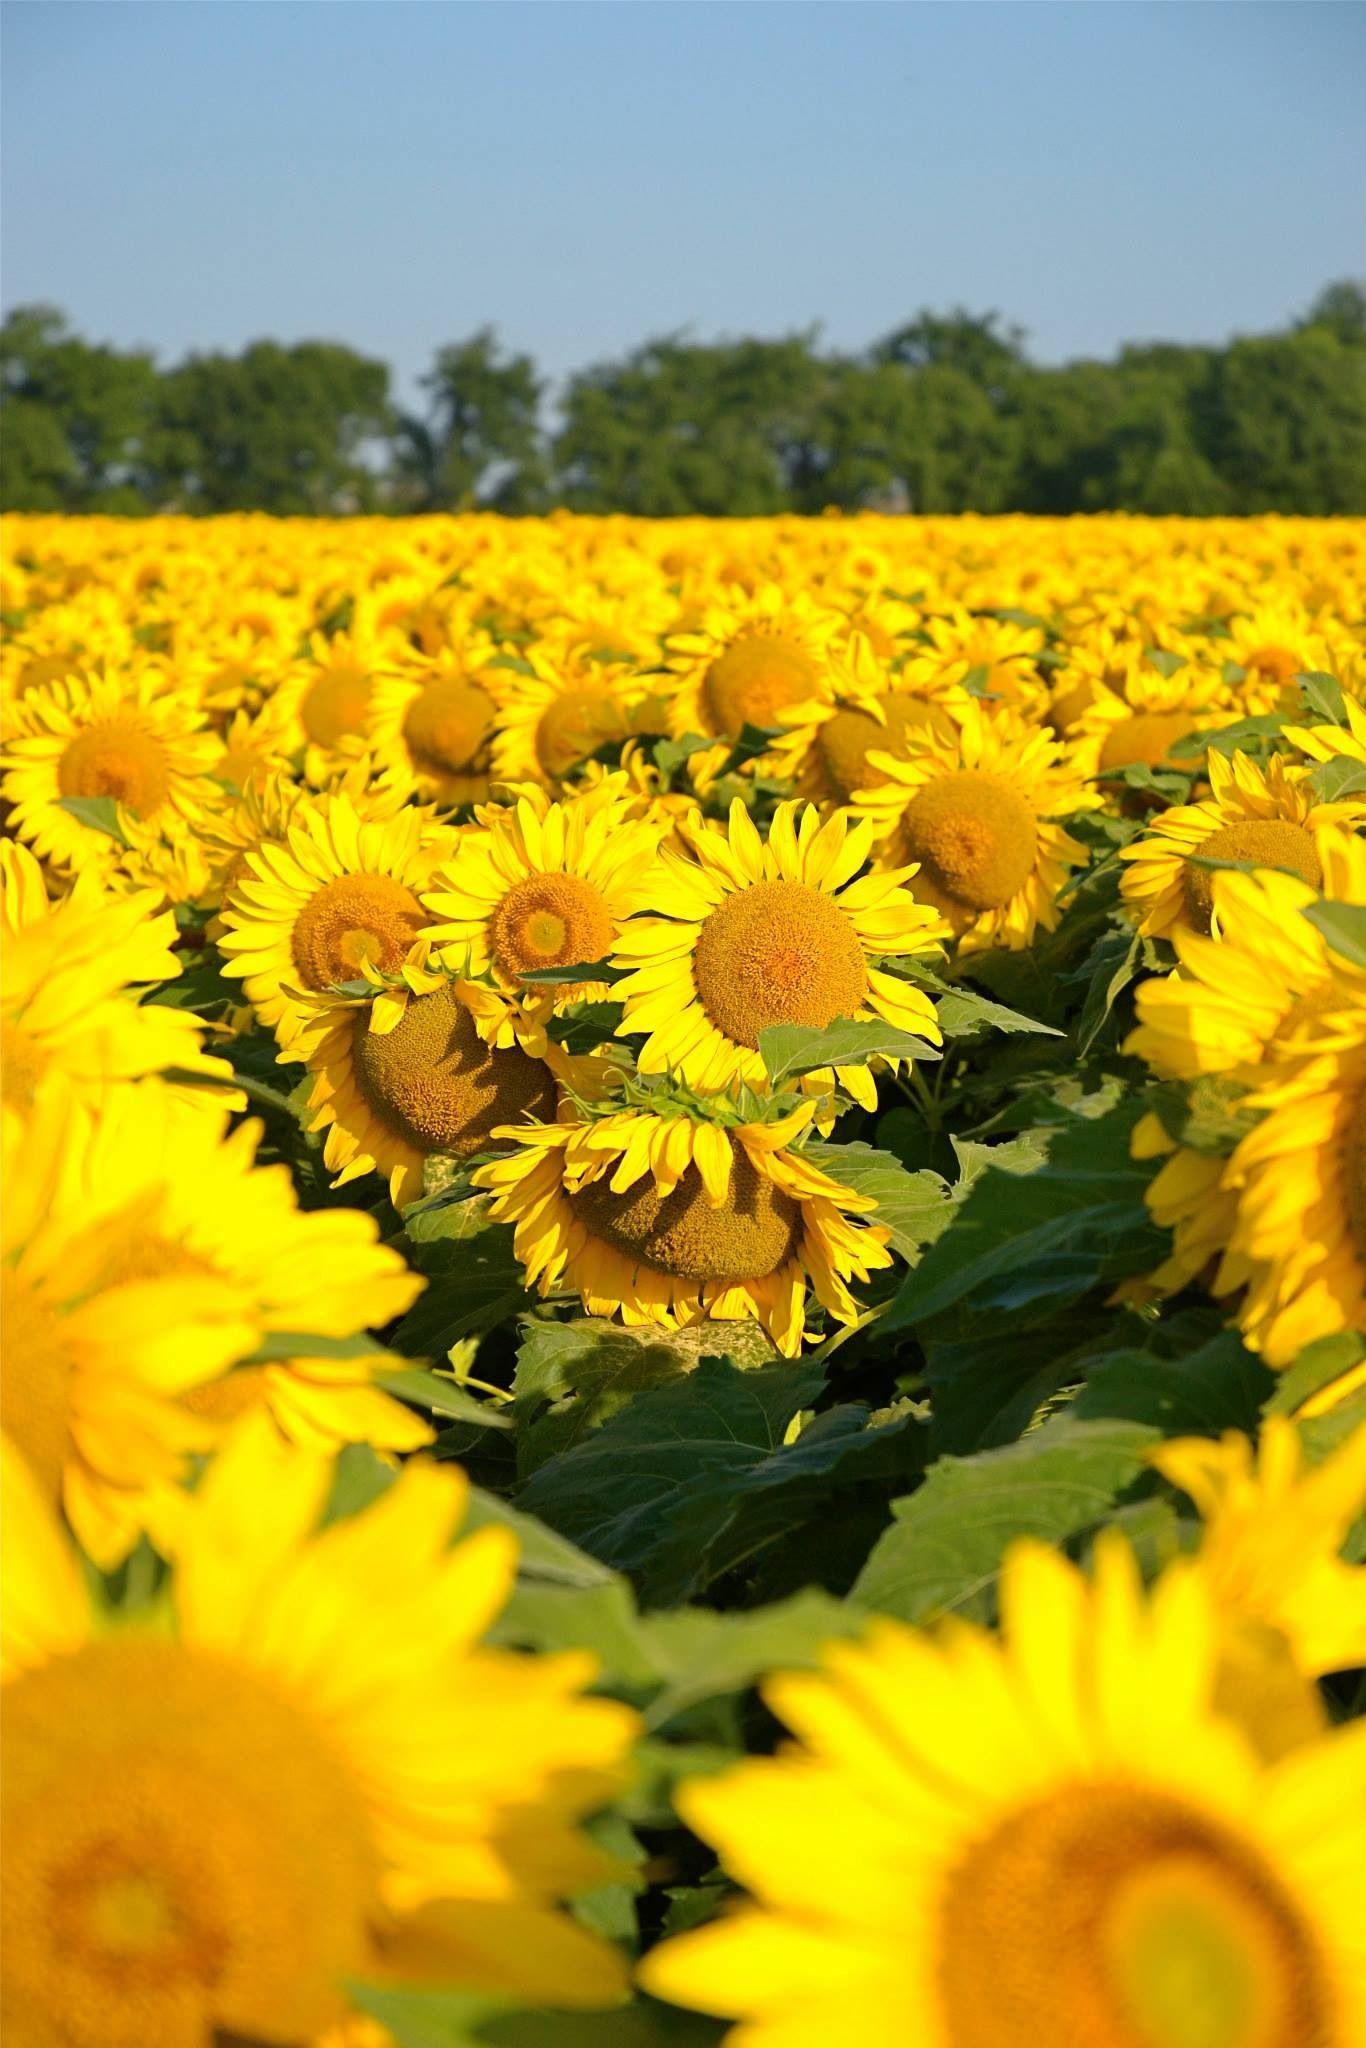 Sunflowers Cradling Sunflowers.